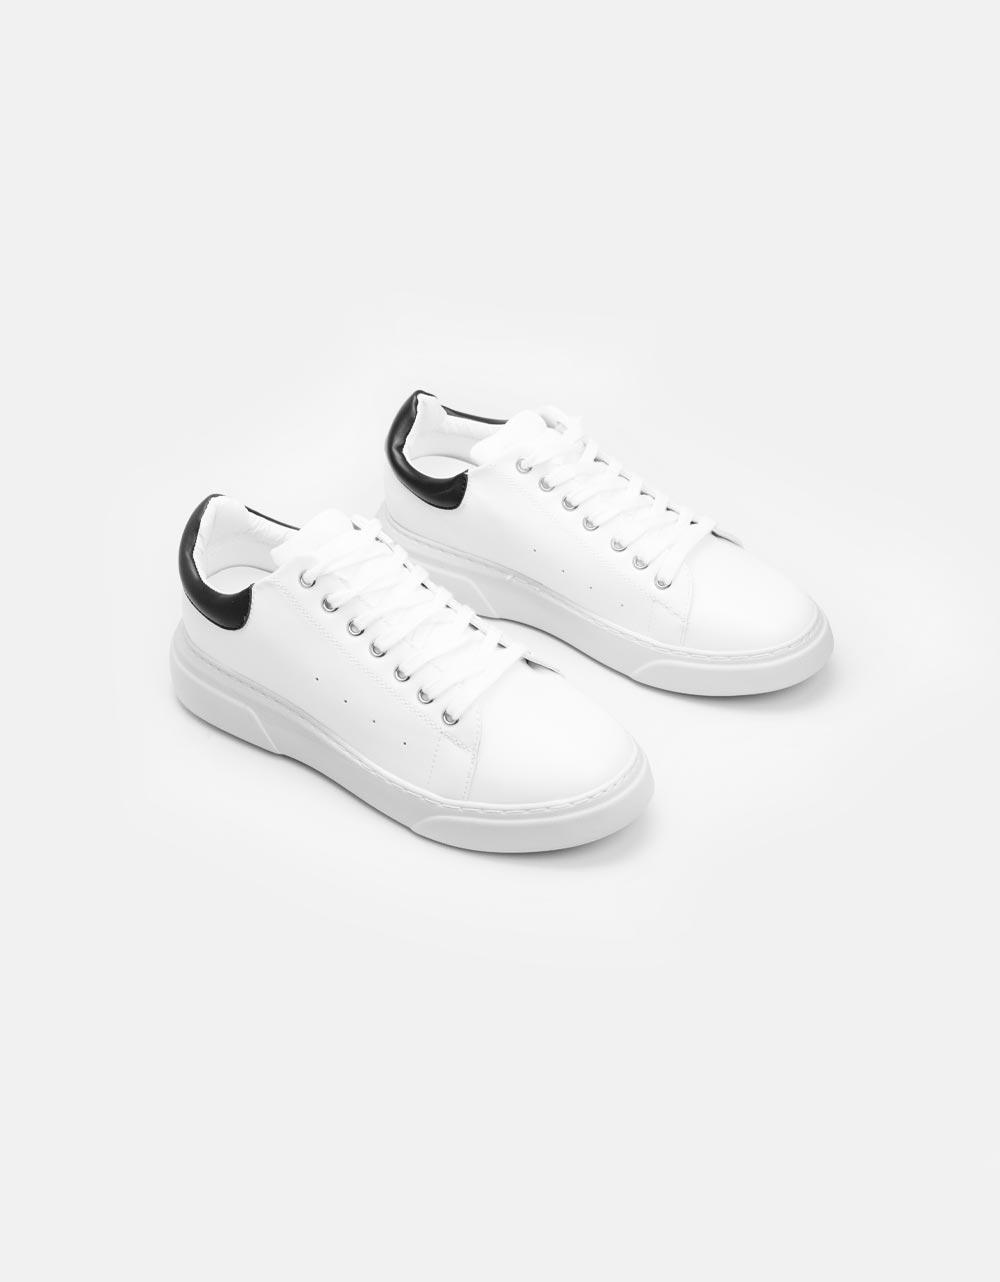 Εικόνα από Ανδρικά sneakers μονόχρωμα με λεπτομέρεια Λευκό/Μαύρο